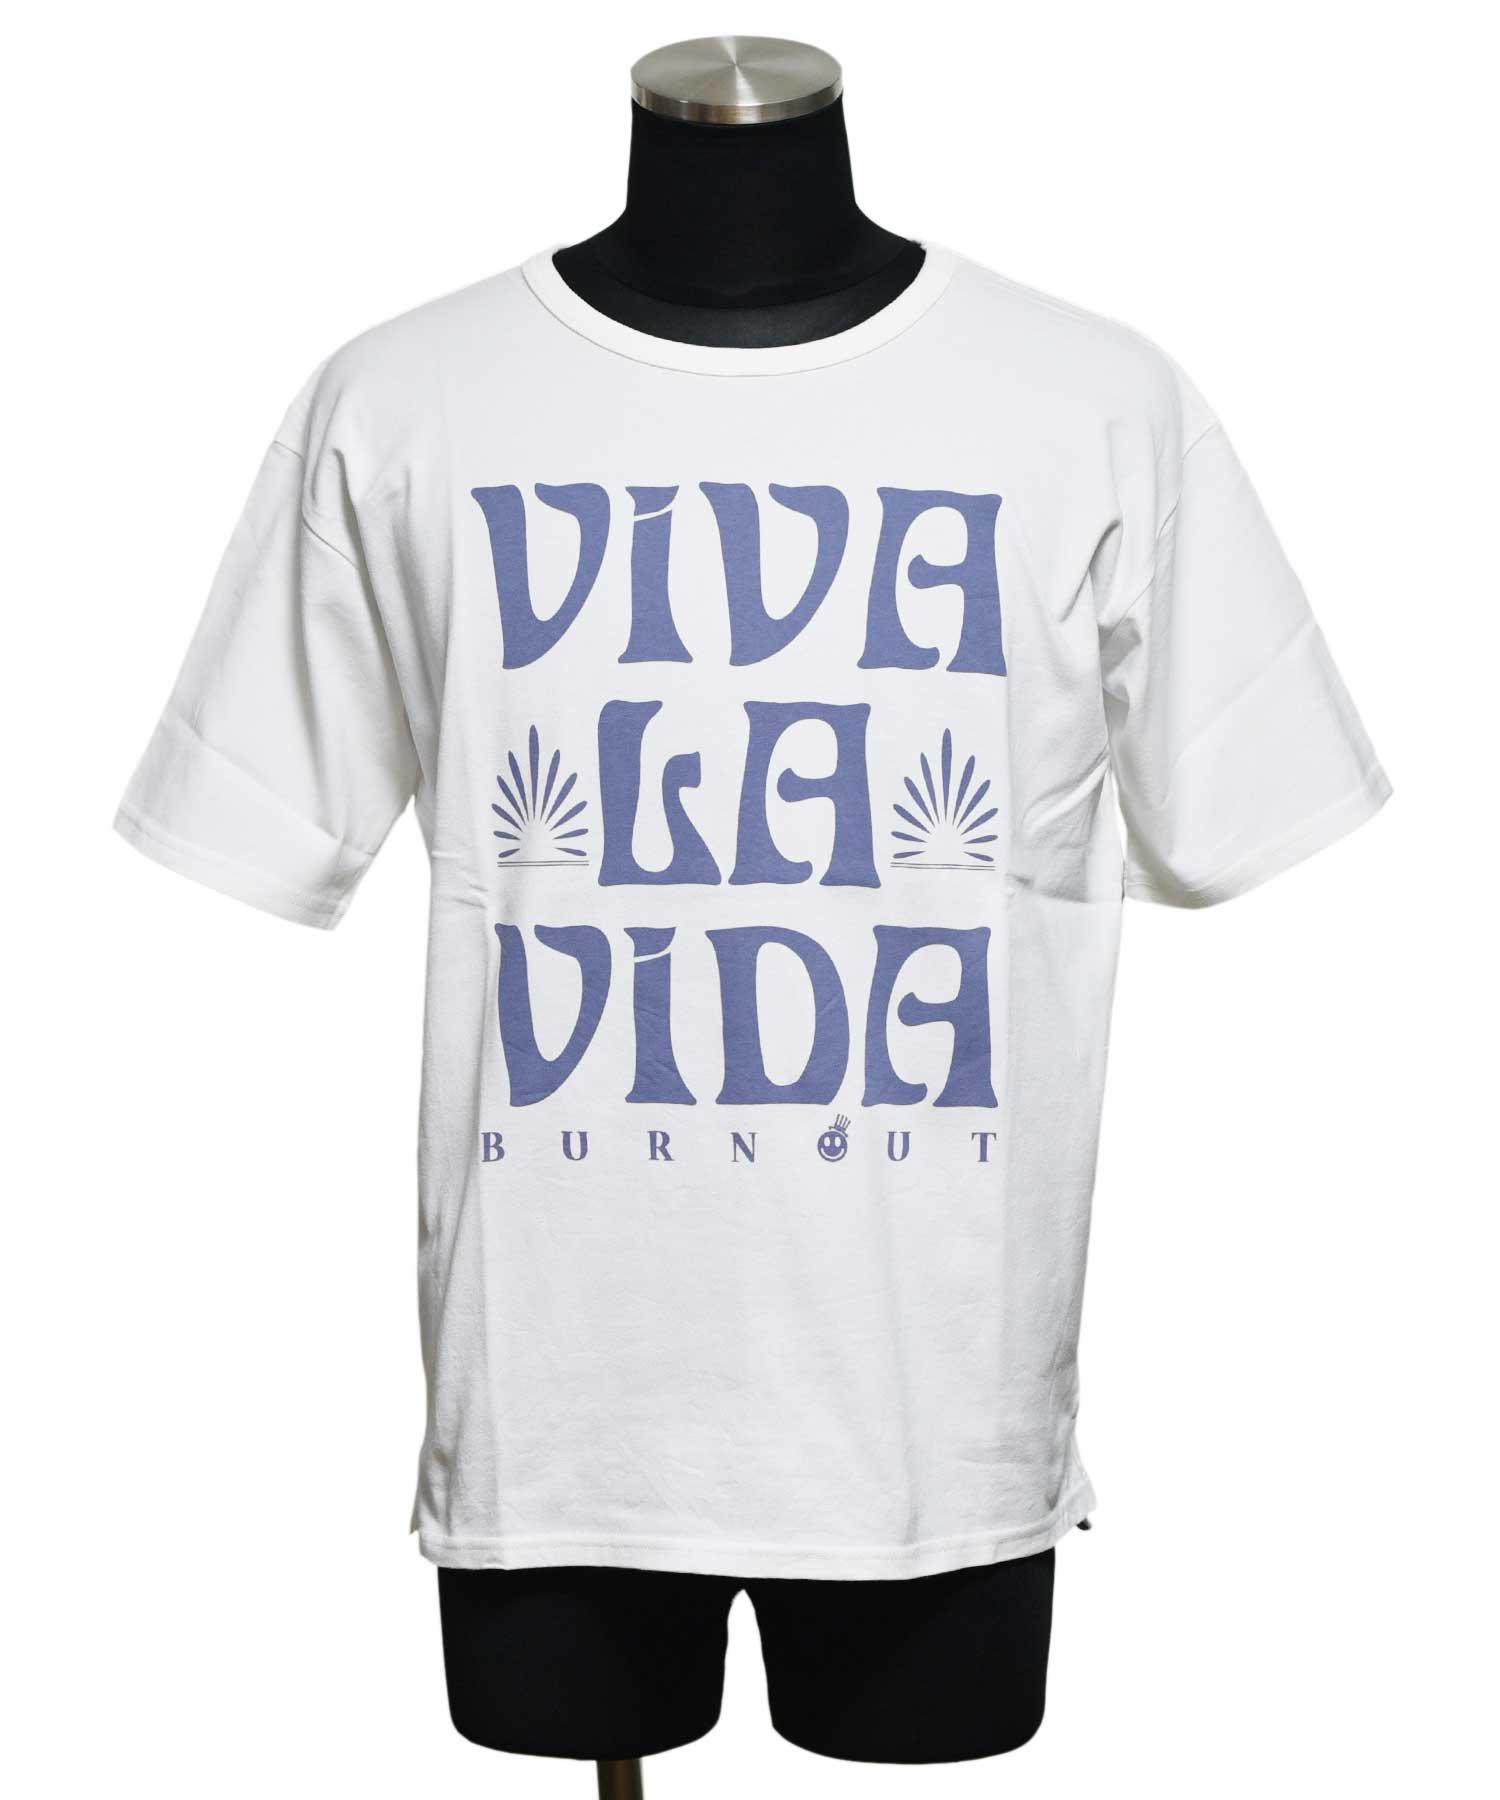 BURNOUT(バーンアウト )VIVA LA VIDA ワイドショートスリーブTシャツ / ホワイト